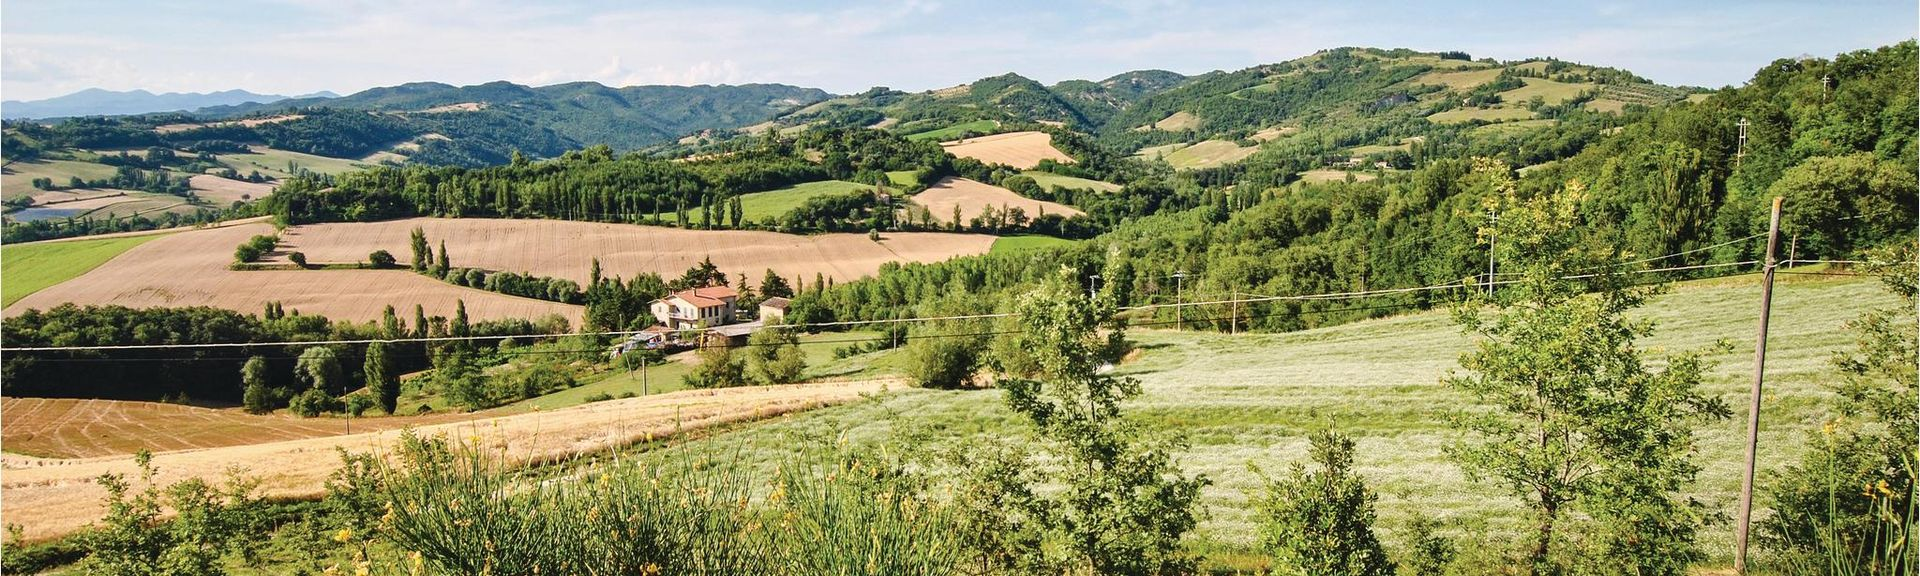 Pietralunga, Perugia, Umbria, Italy